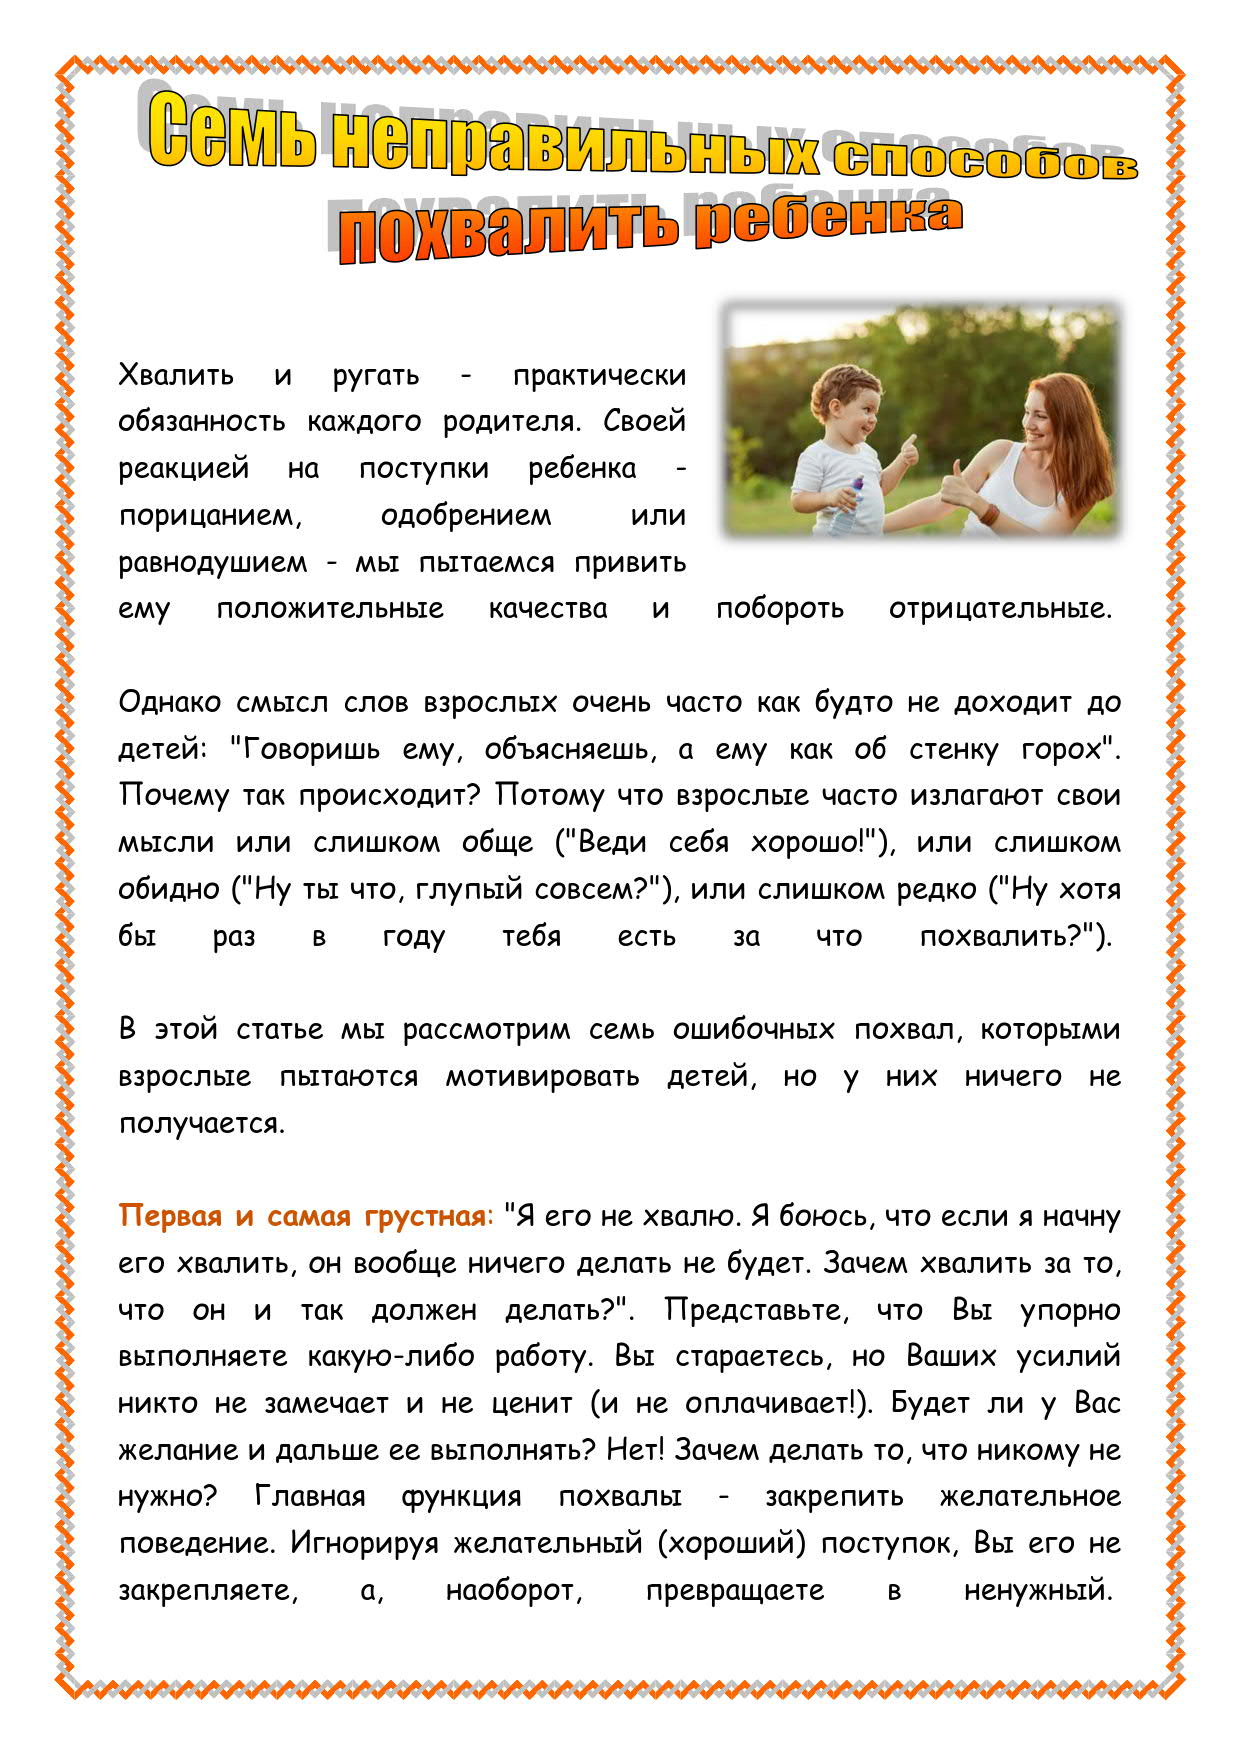 ПЕДАГОГ - ПСИХОЛОГ РЕКОМЕНДАЦИИ 7 неправильных способов похвалить ребенка_1